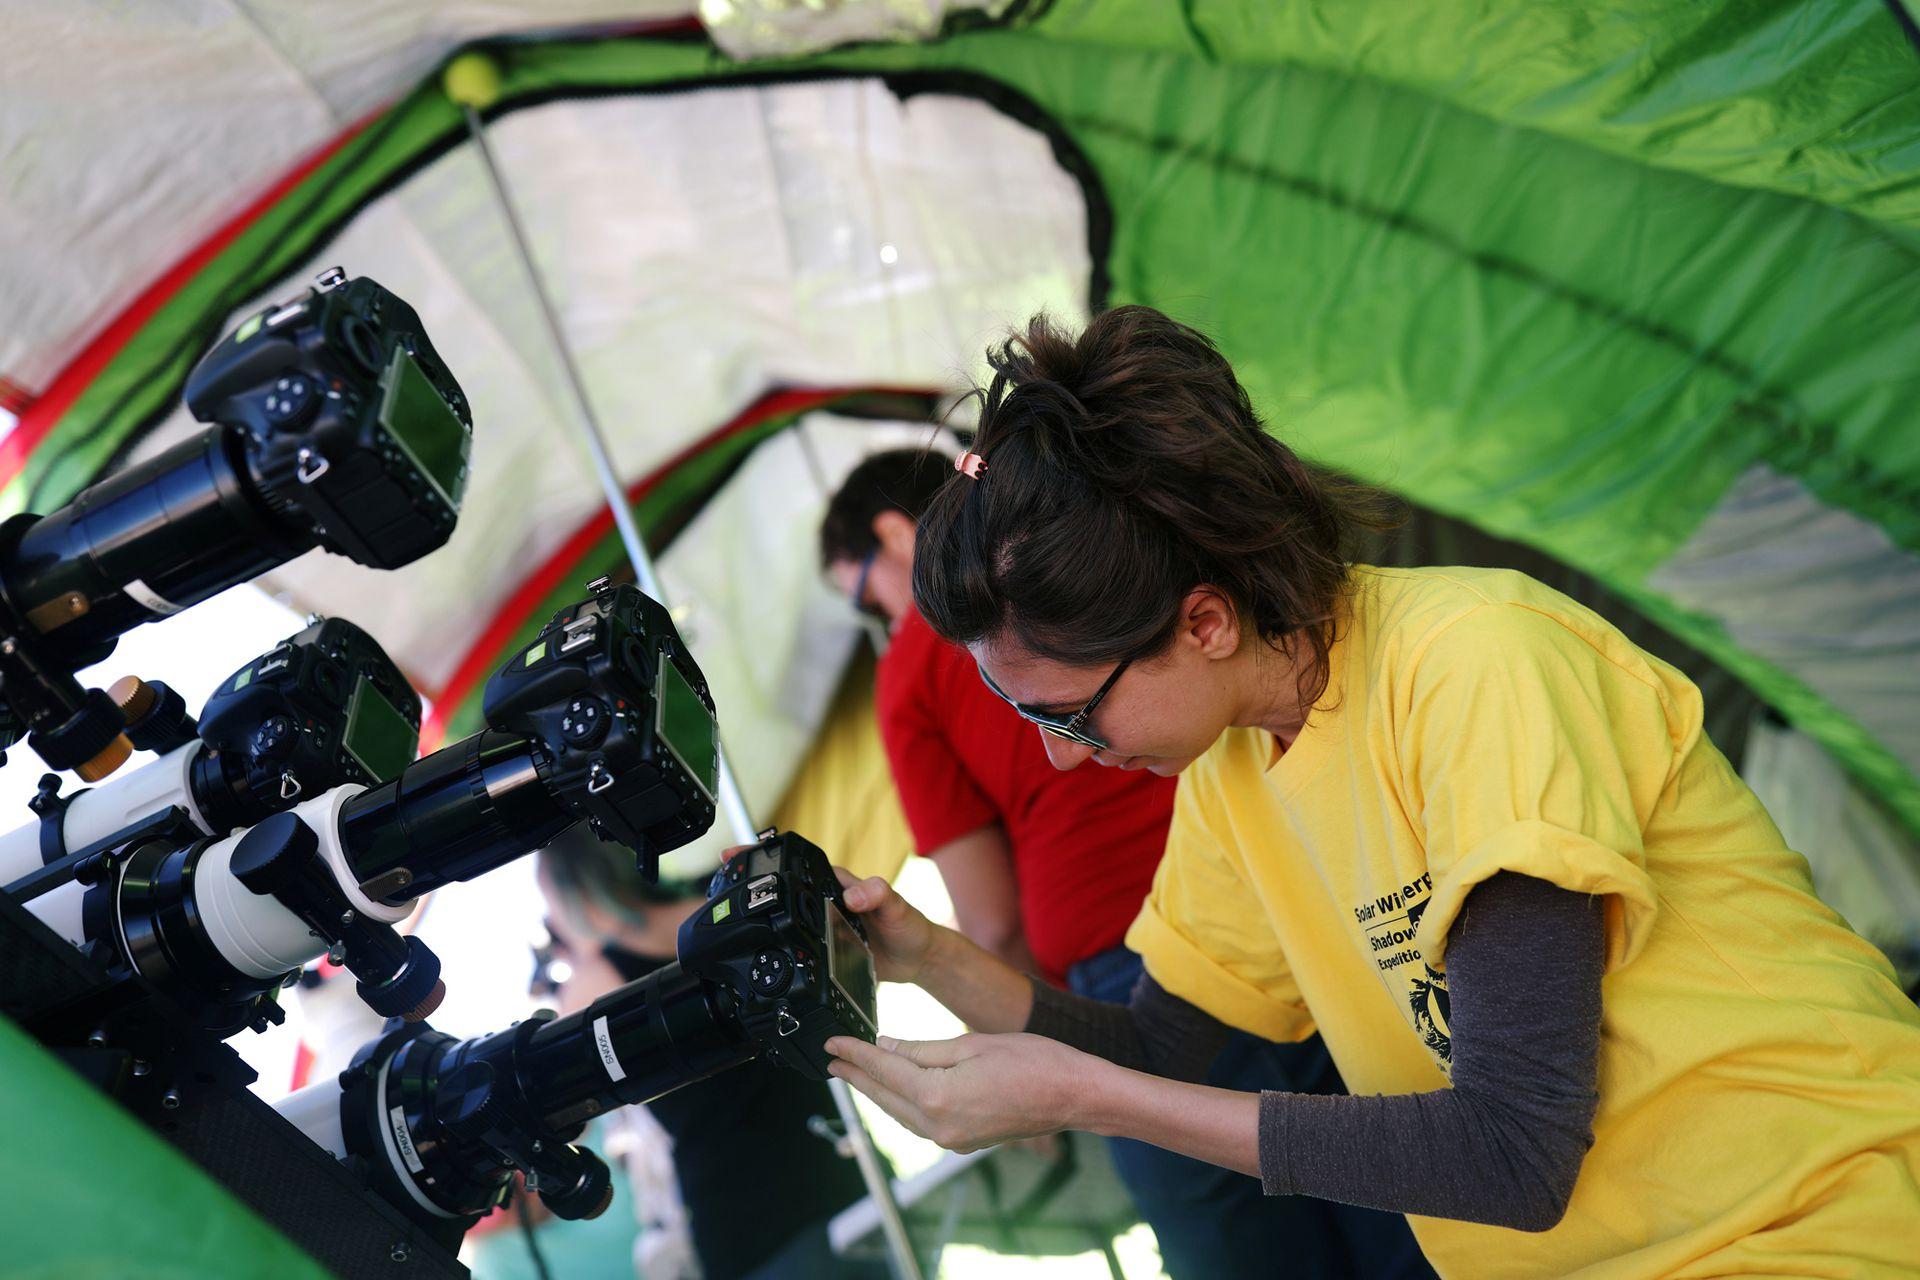 Tulin Bedel, miembro de los Sherpas de Viento Solar, prepara un equipo antes de un eclipse solar total, en el Observatorio Mamalluca, en el Valle del Elqui